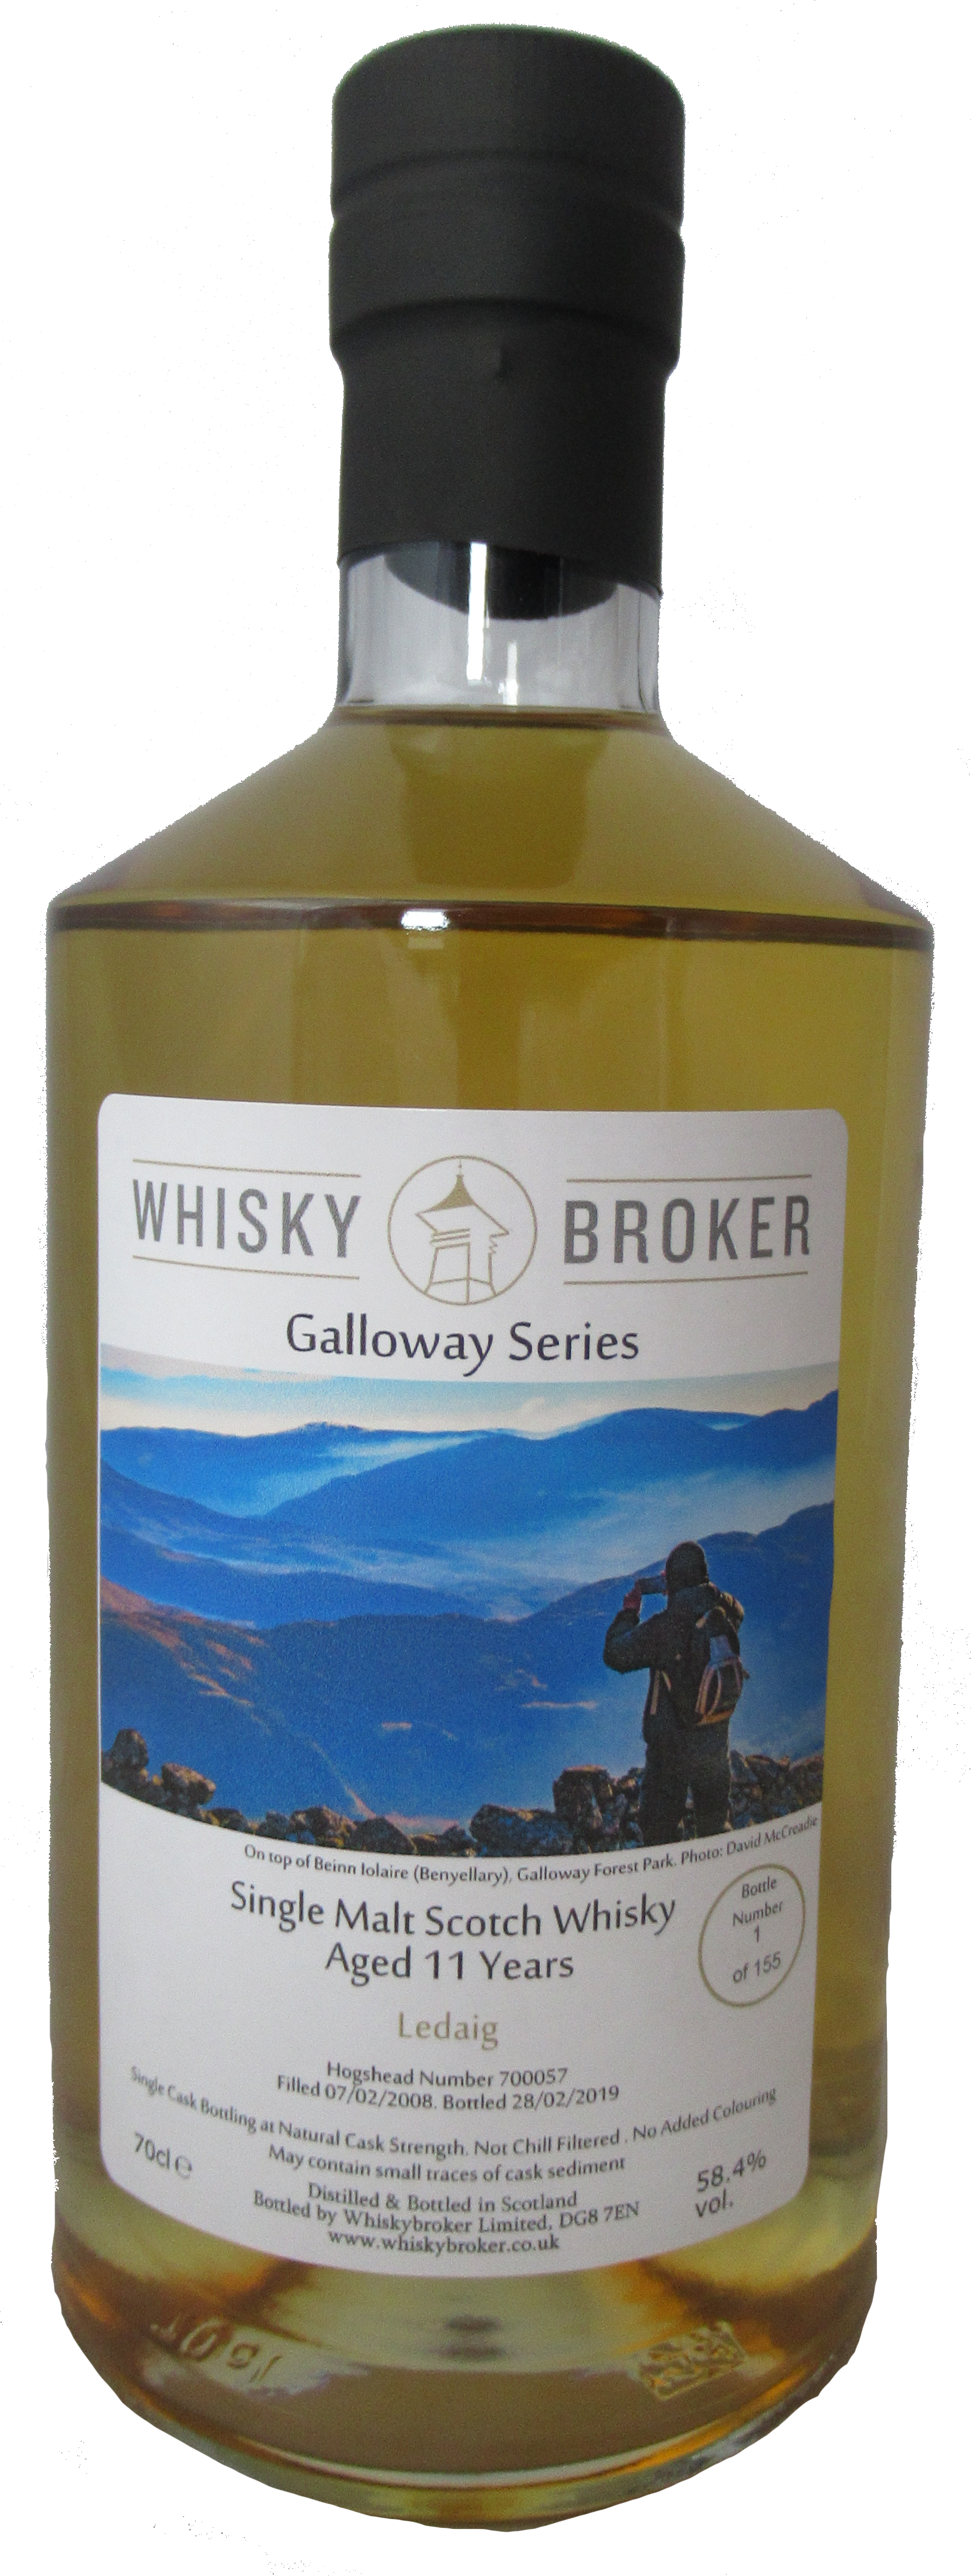 70cl, 11yo Ledaig  Single Malt Scotch Whisky